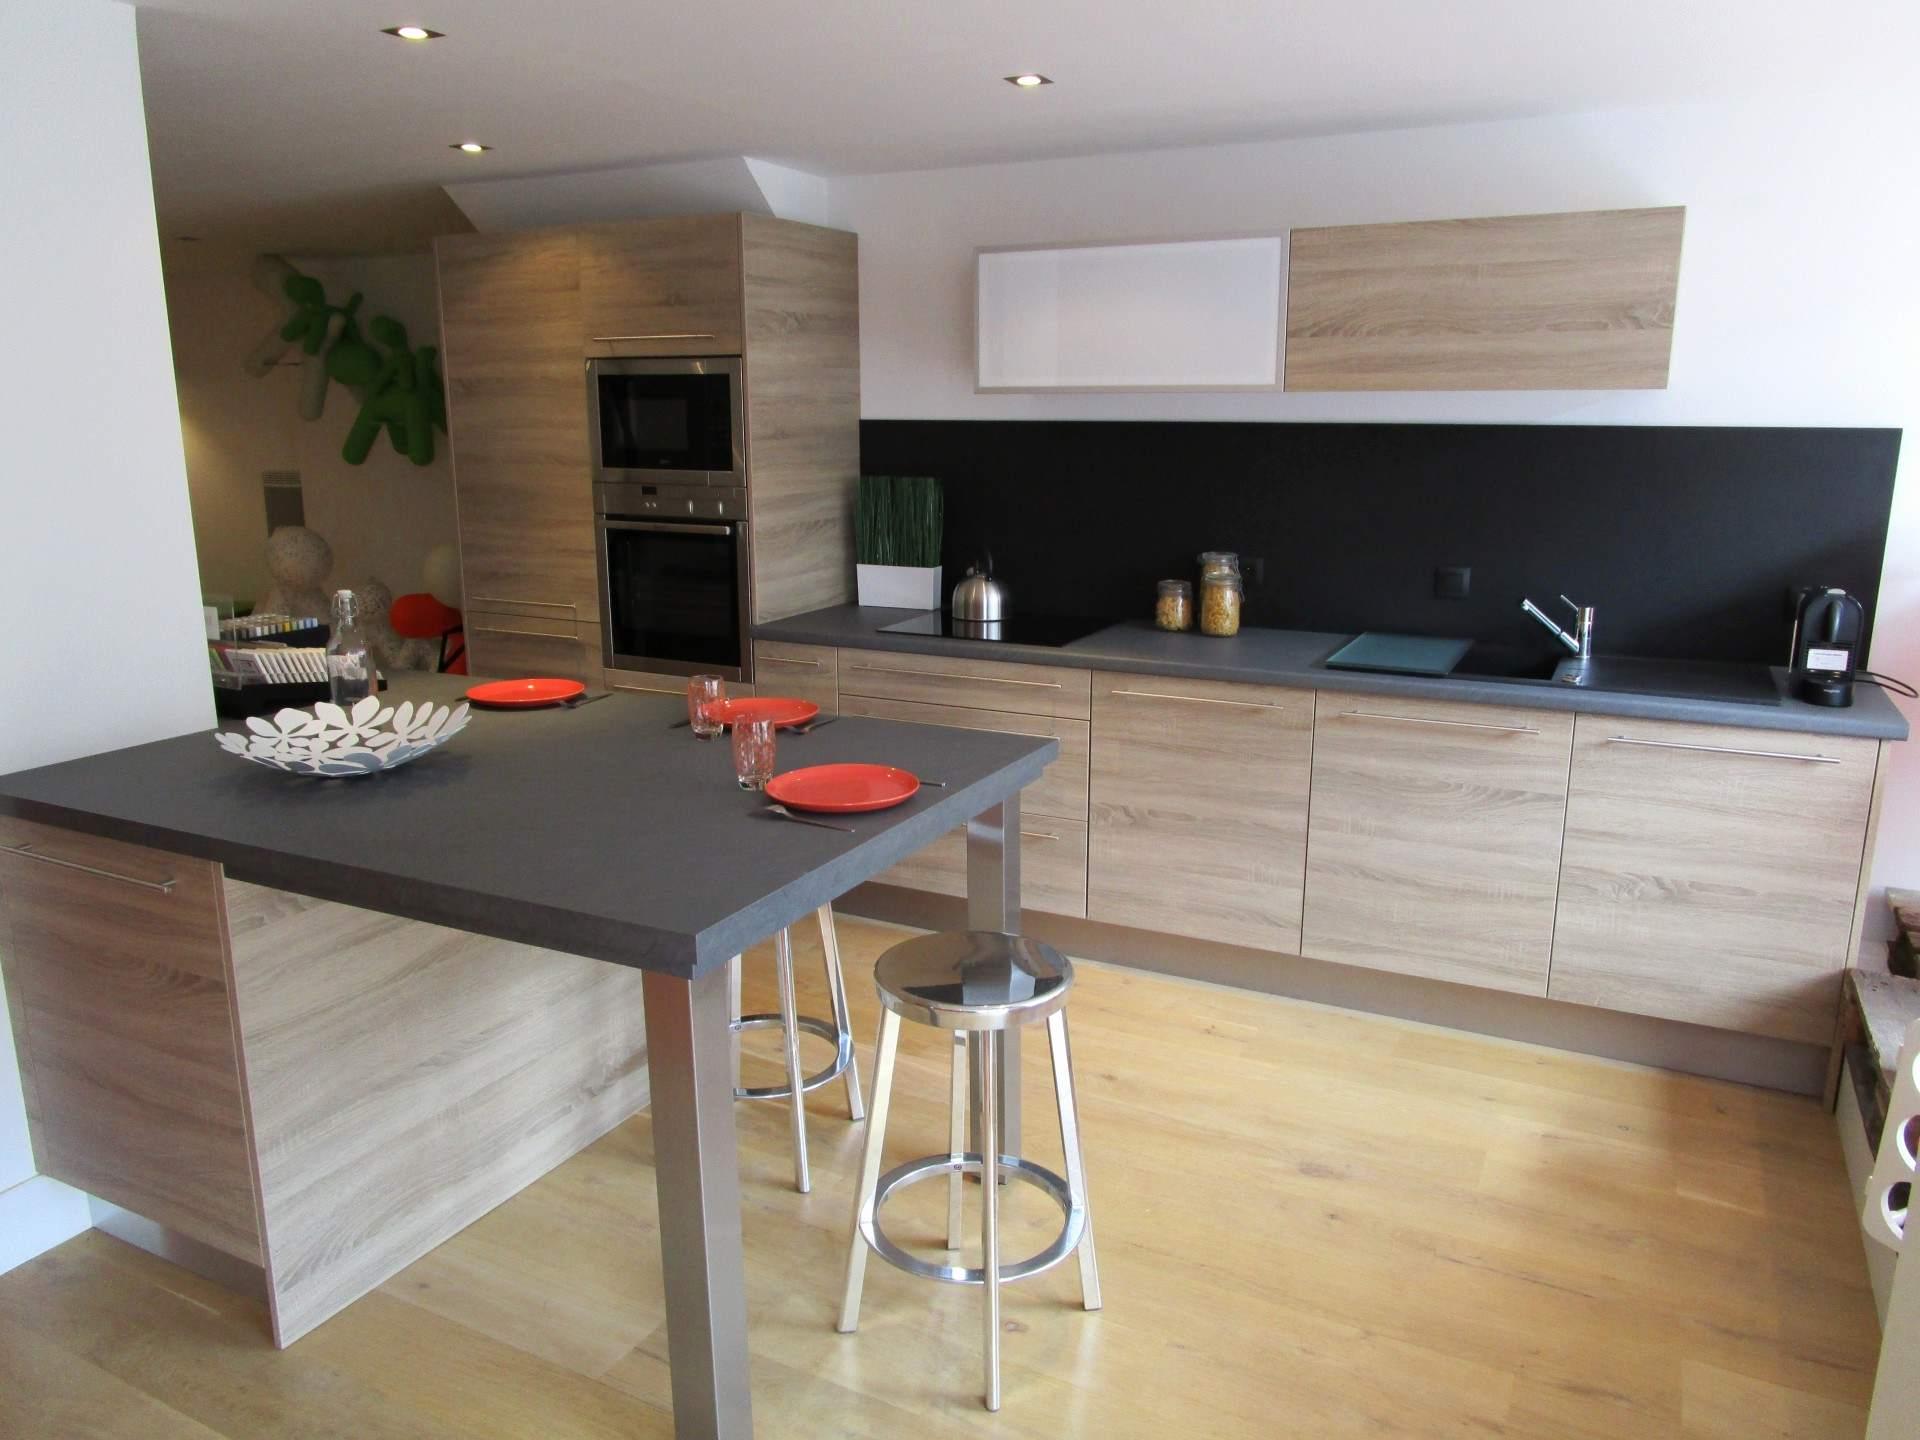 Ikea Cuisine Hittarp Impressionnant Galerie Ikea Cuisine Plan Travail Nouveau Ikea Rennes Cuisine Beautiful